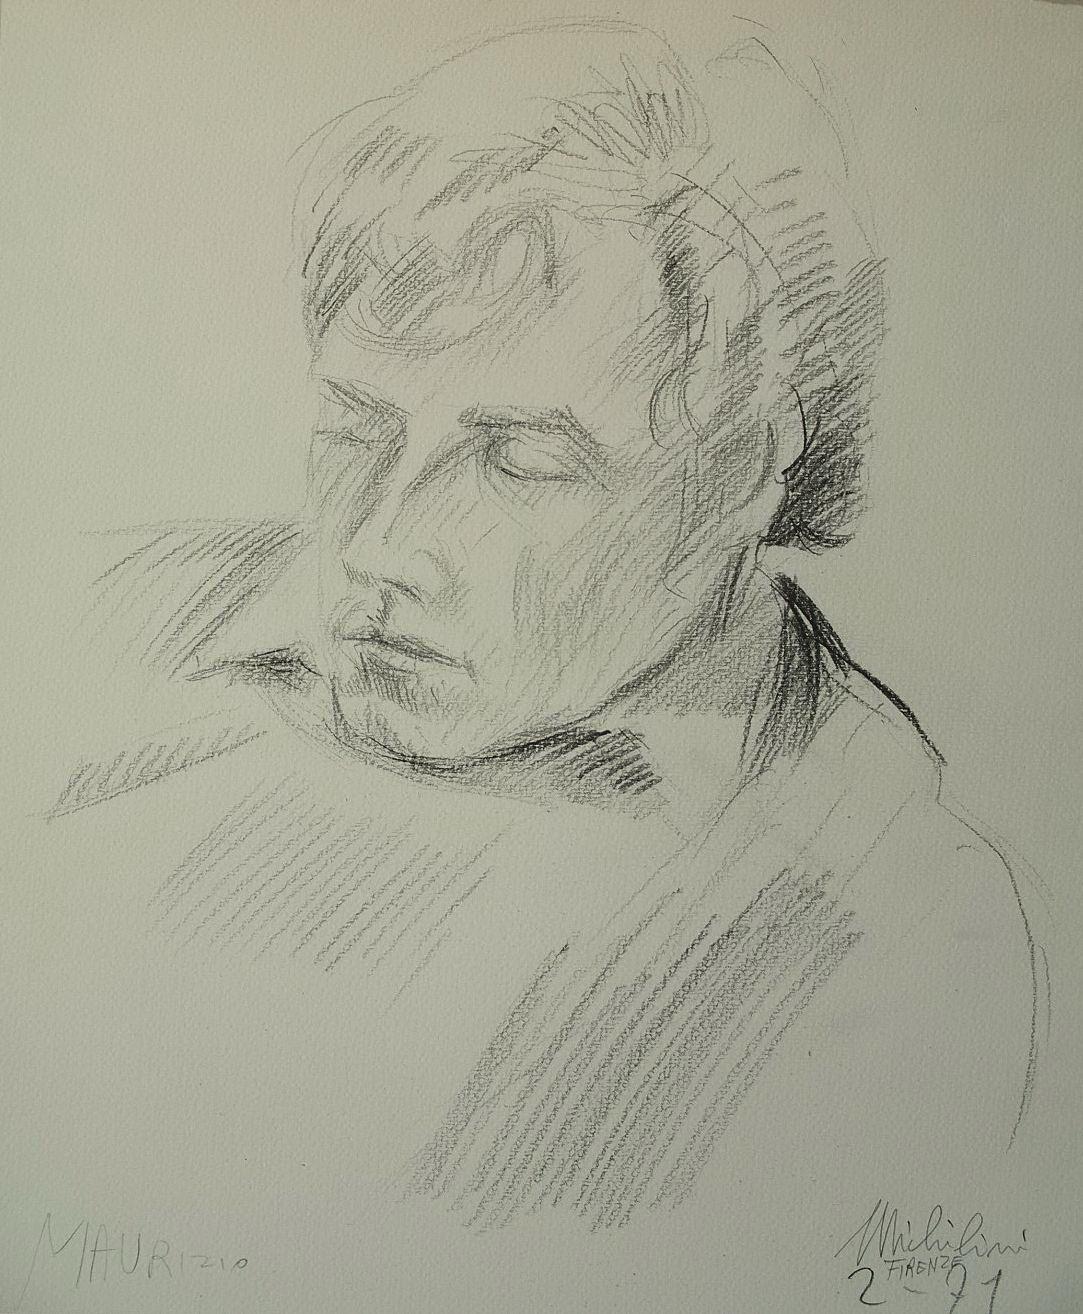 Sergio Michilini, MAURIZIO, 1971, cm.34x28